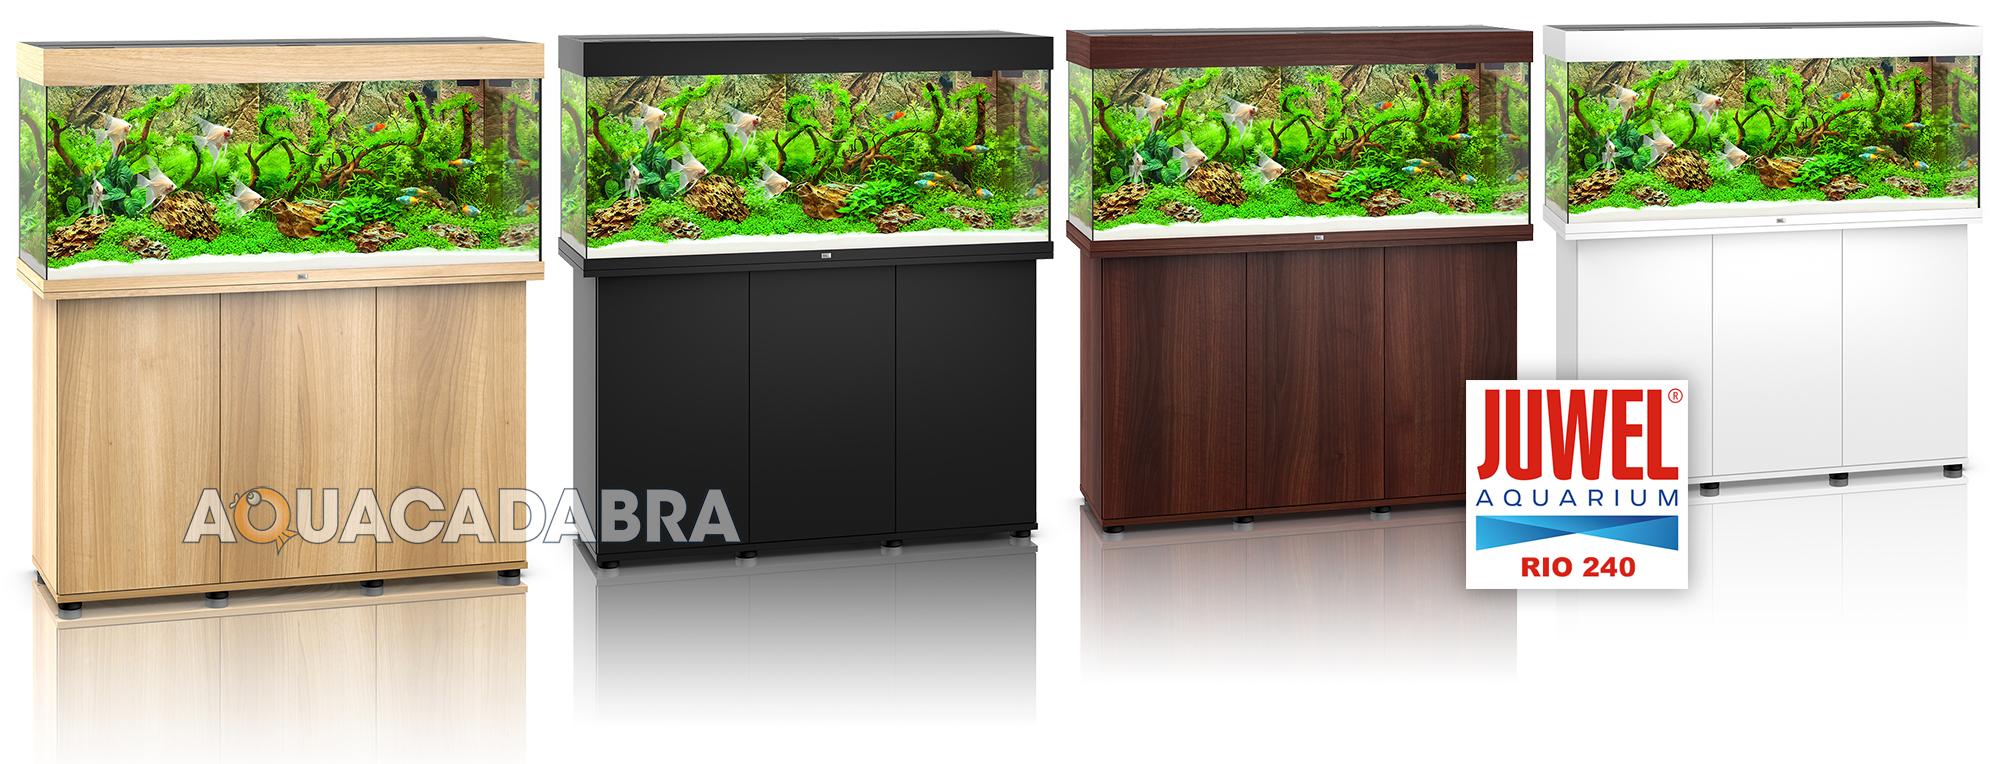 Fish tank juwel - Juwel Aquarium Fish Tank Cabinet Rio Trigon Vision